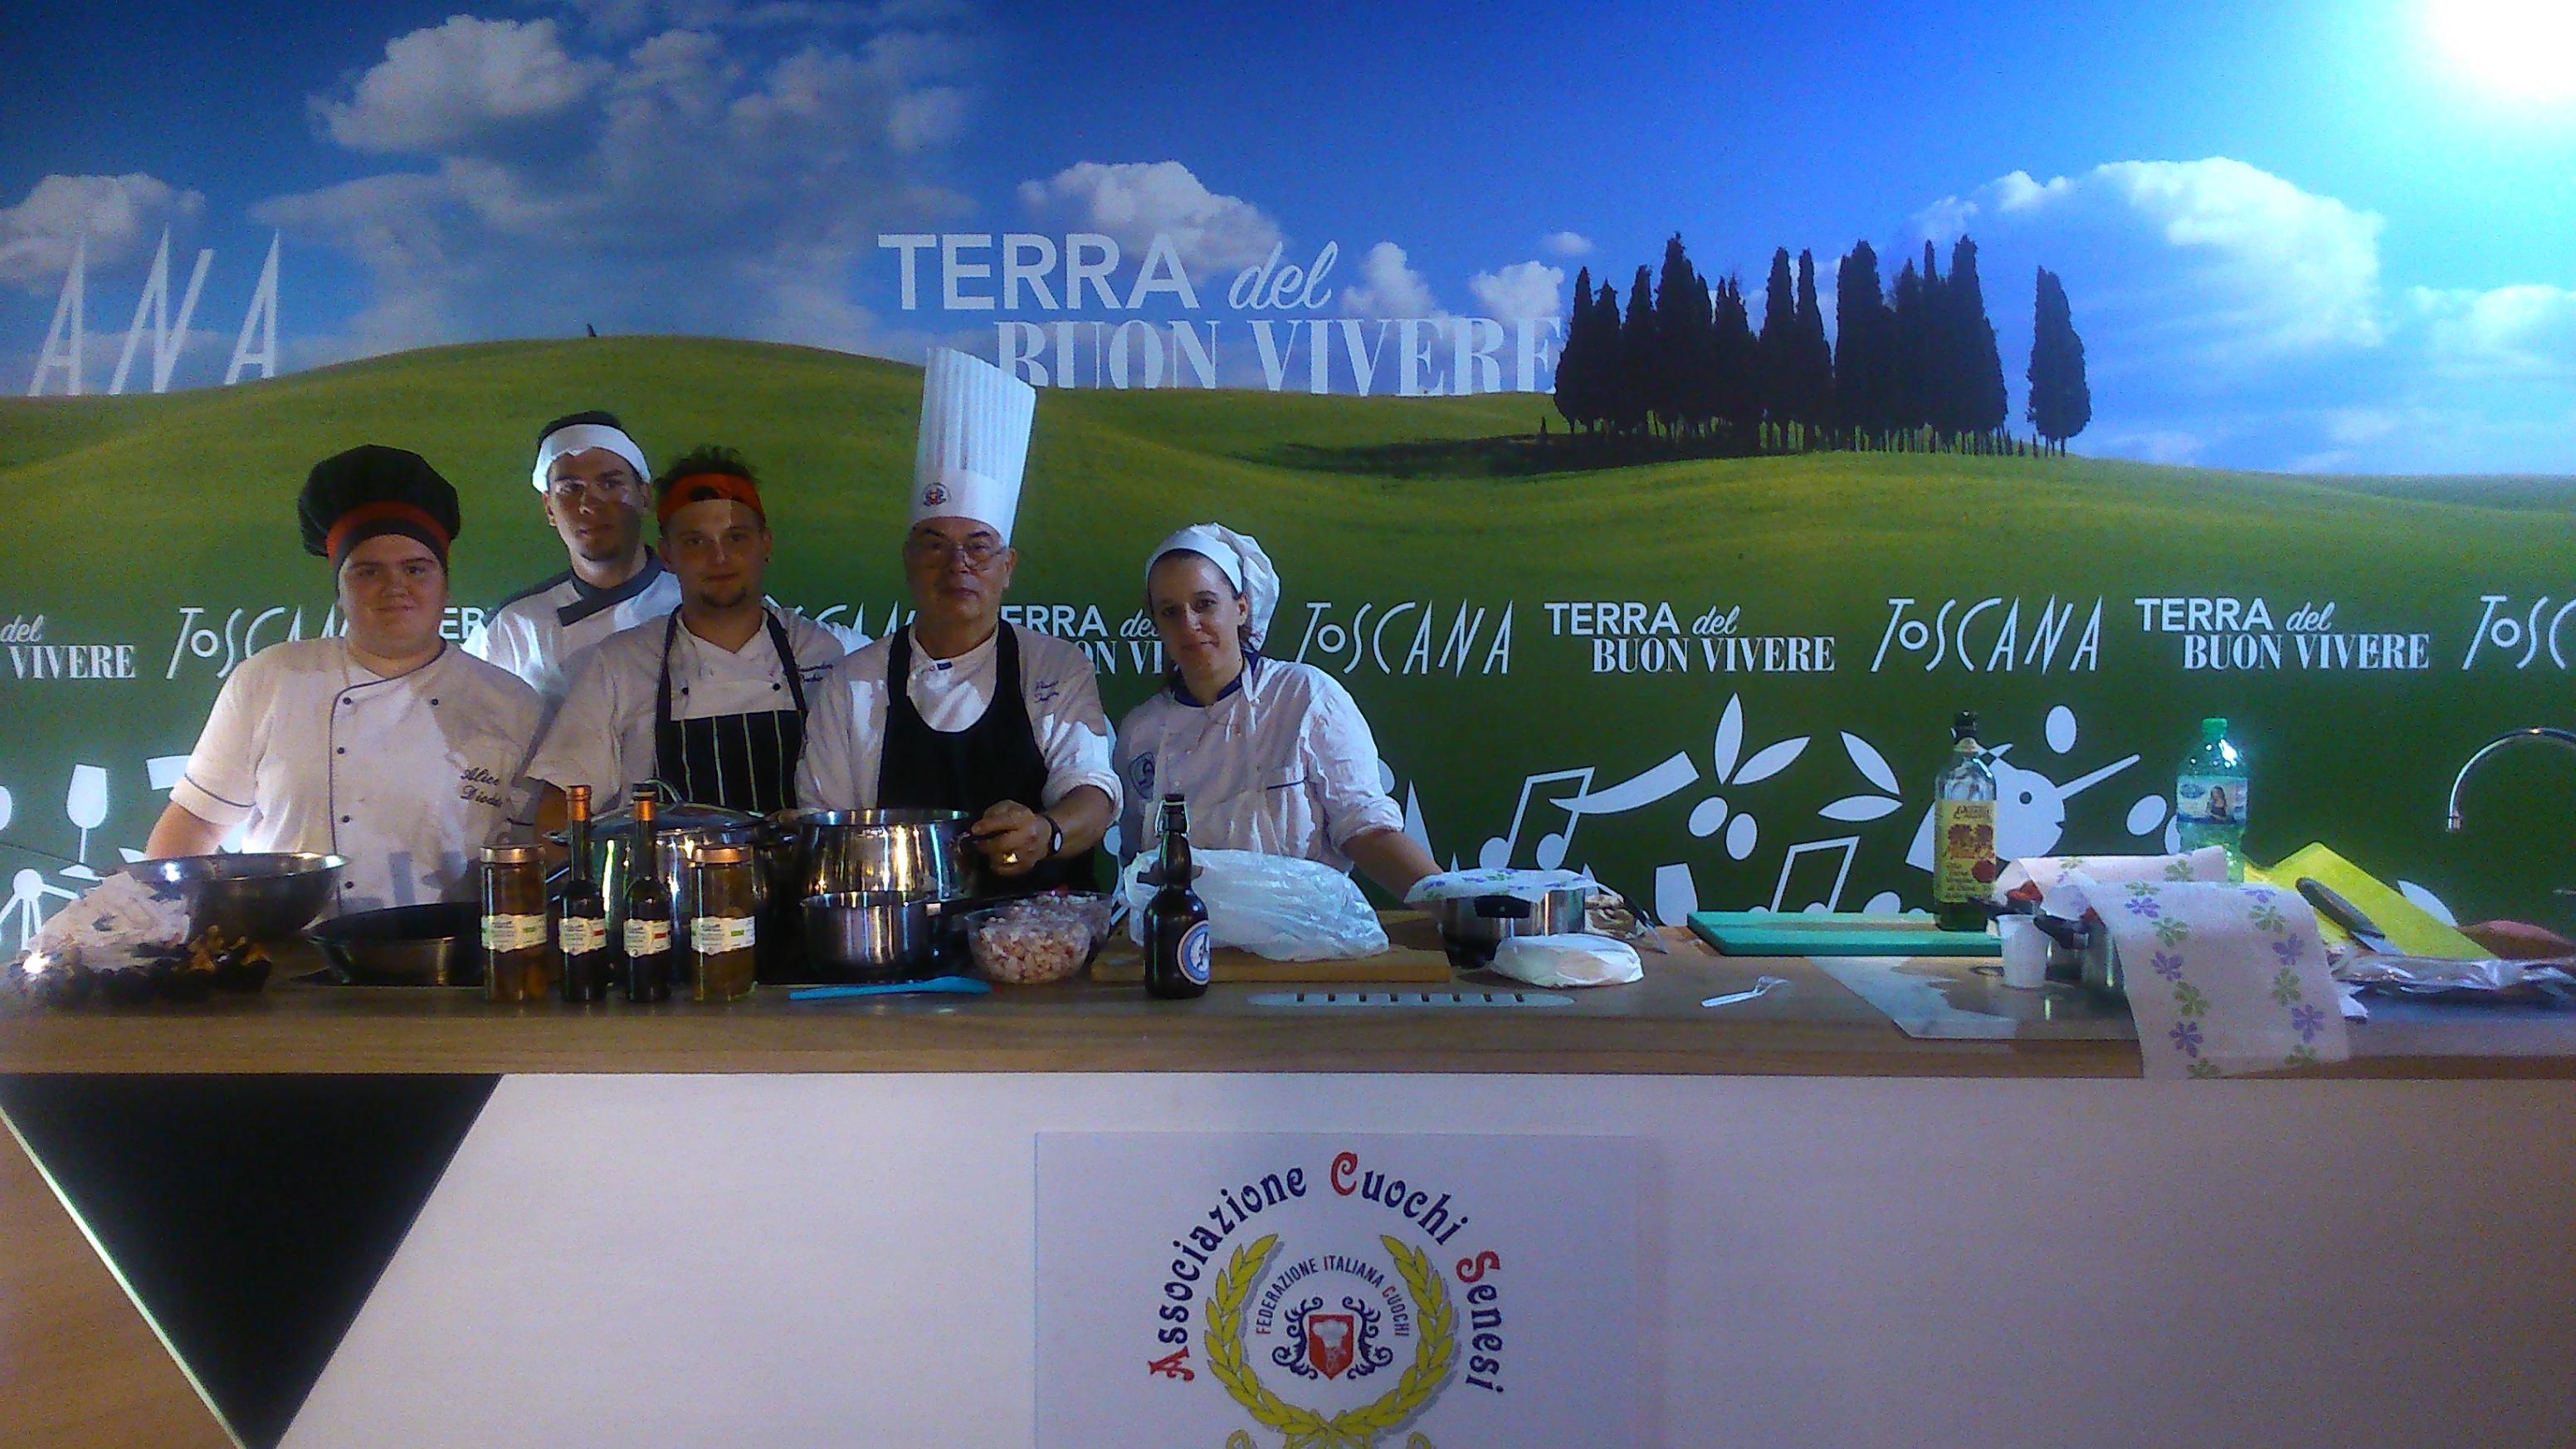 Siena-Expo-Milano